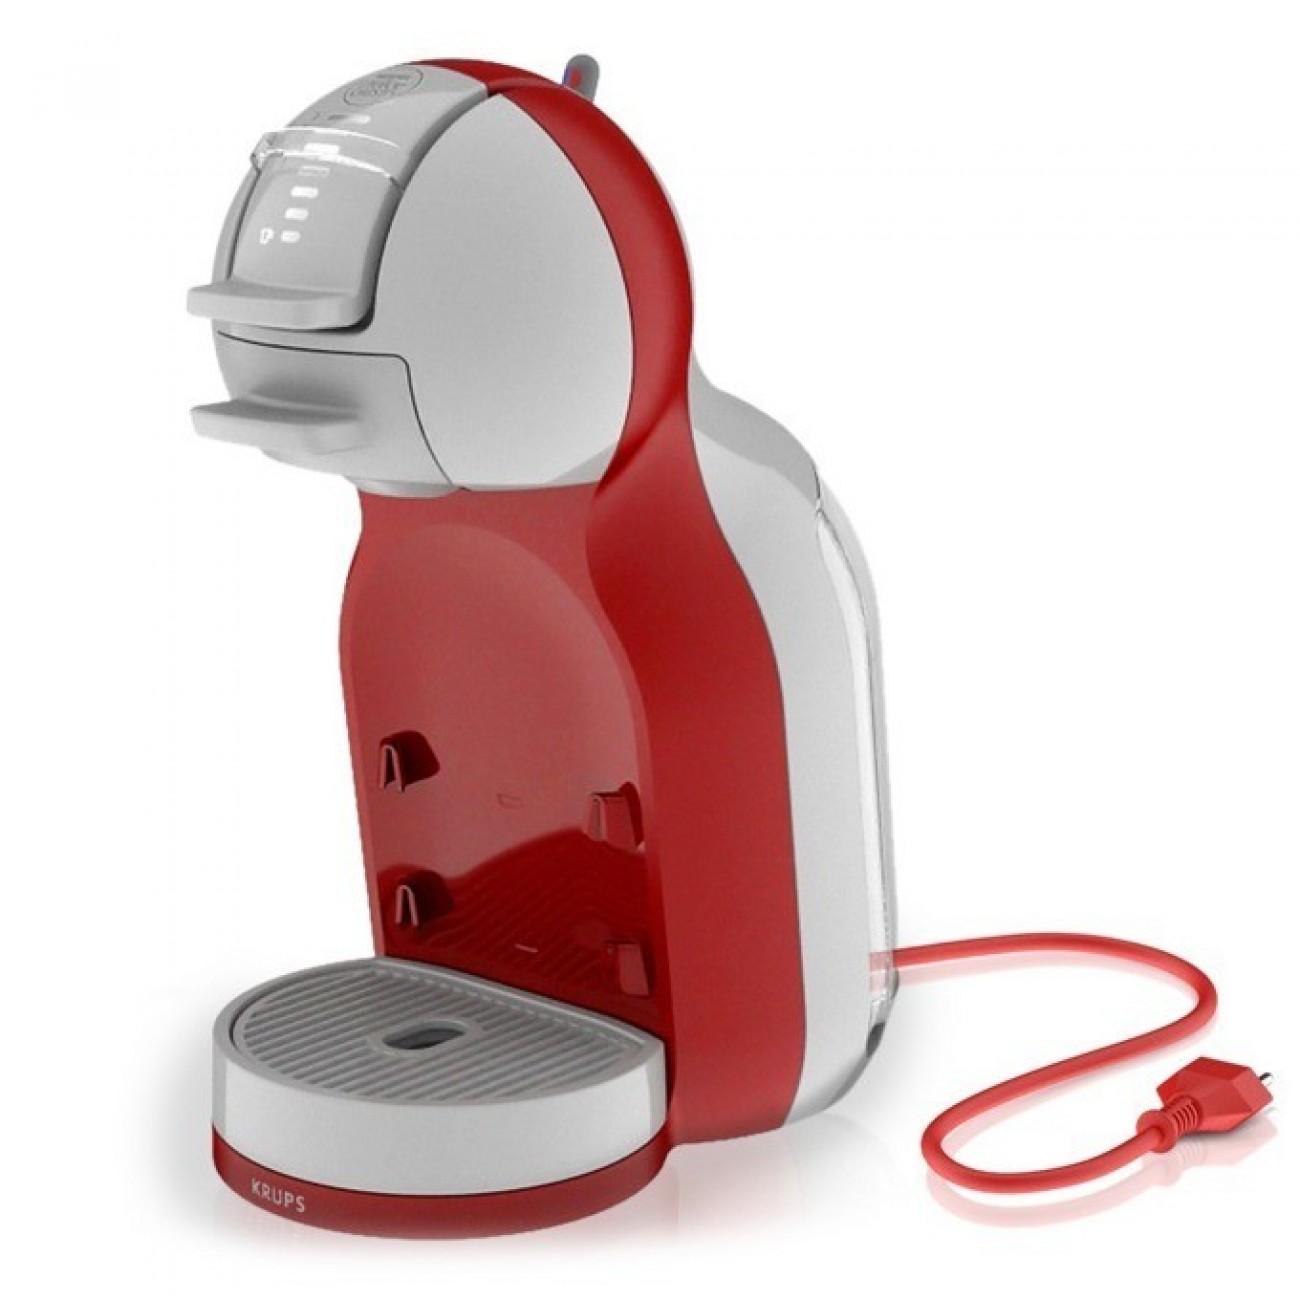 Ръчна еспресо машина Krups Nescafe Dolce Gusto MINI ME, 1500 W, 15 bar, червена в Кафемашини -  | Alleop